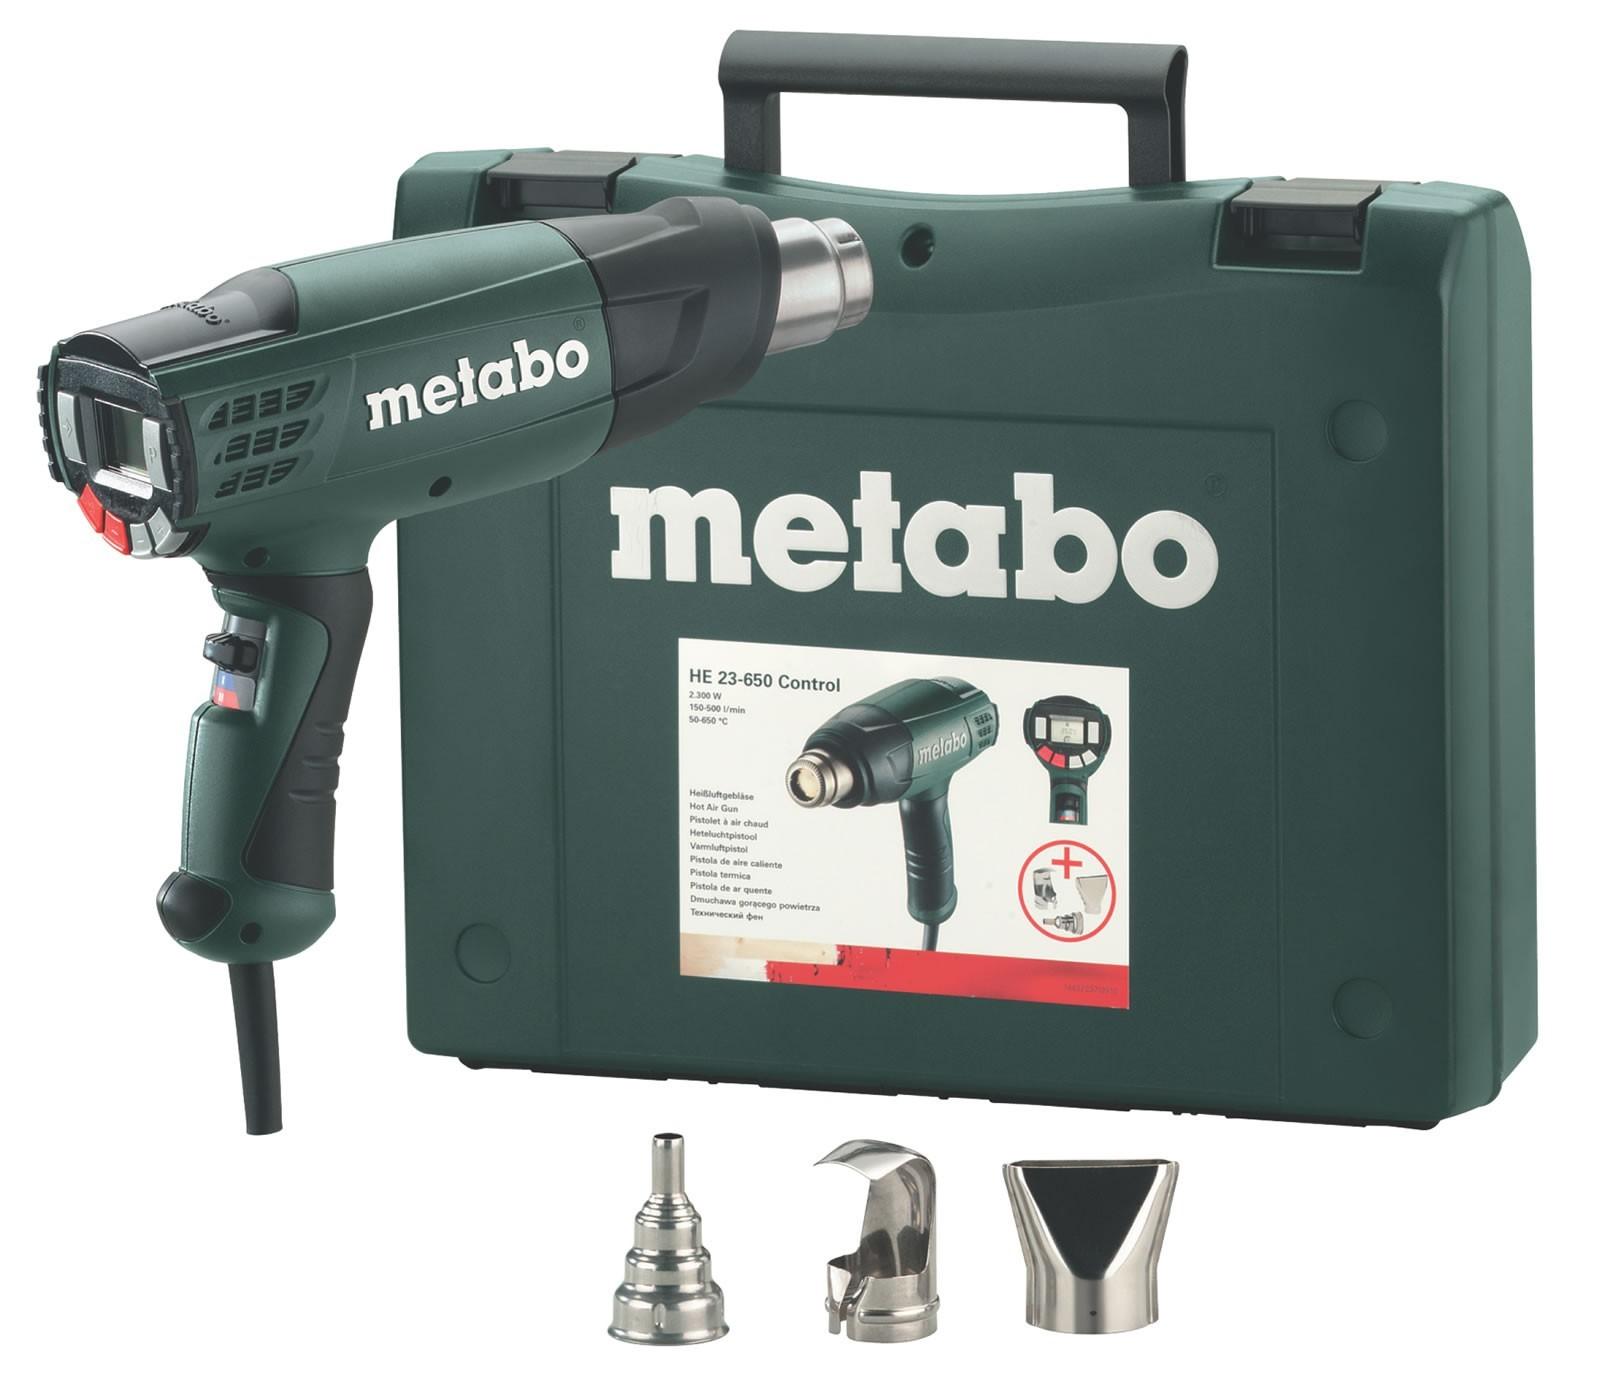 Πιστόλι Θερμού Αέρα Metabo 2300W HE 23-650 Control